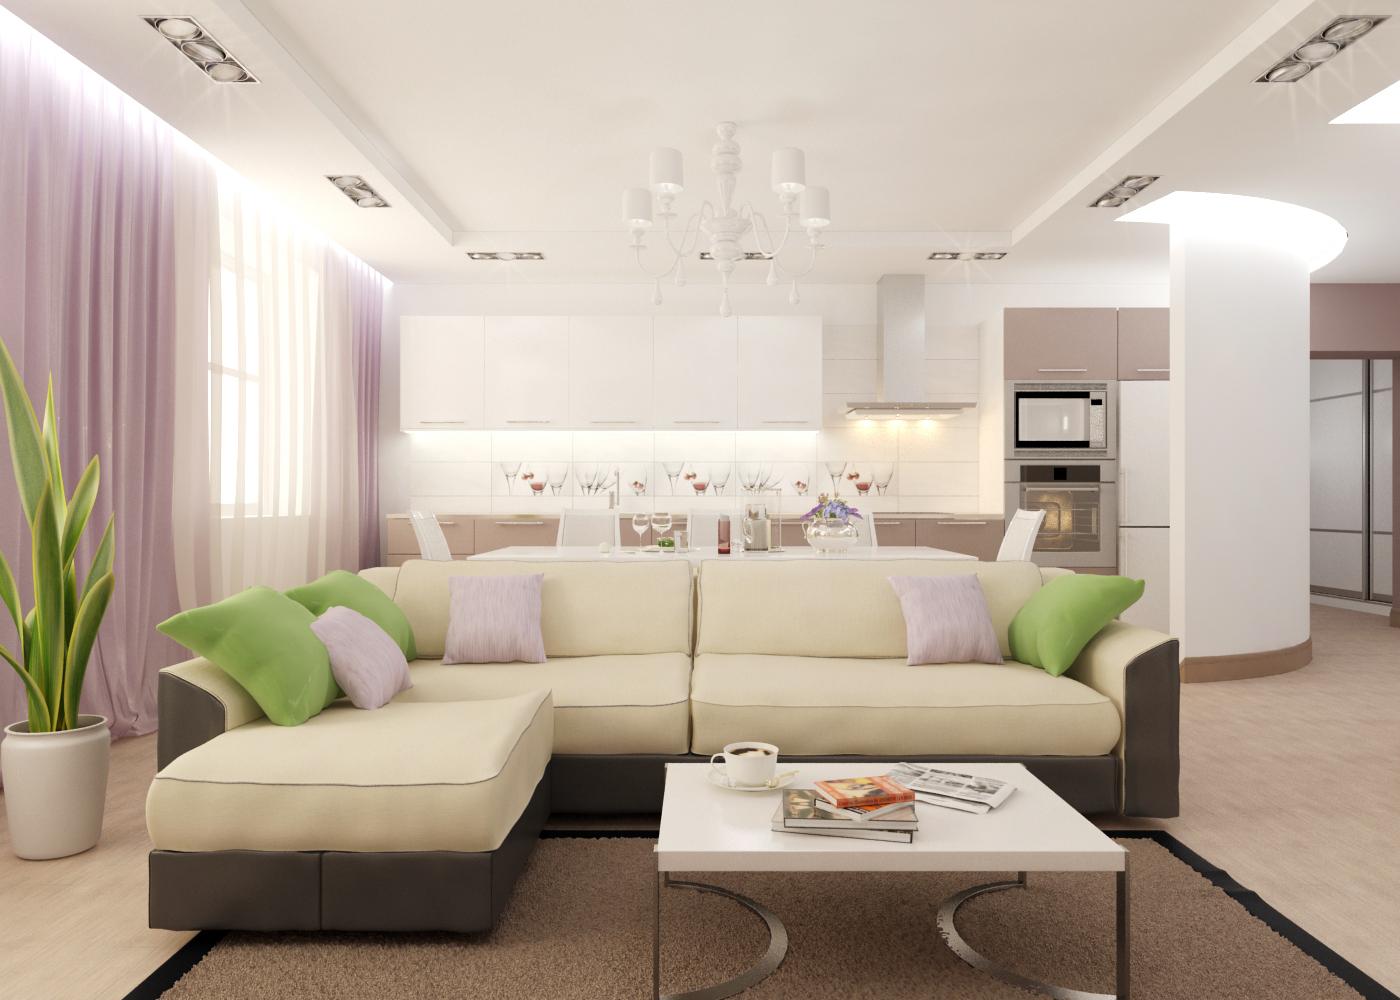 Un exemple de placement de meubles dans le salon